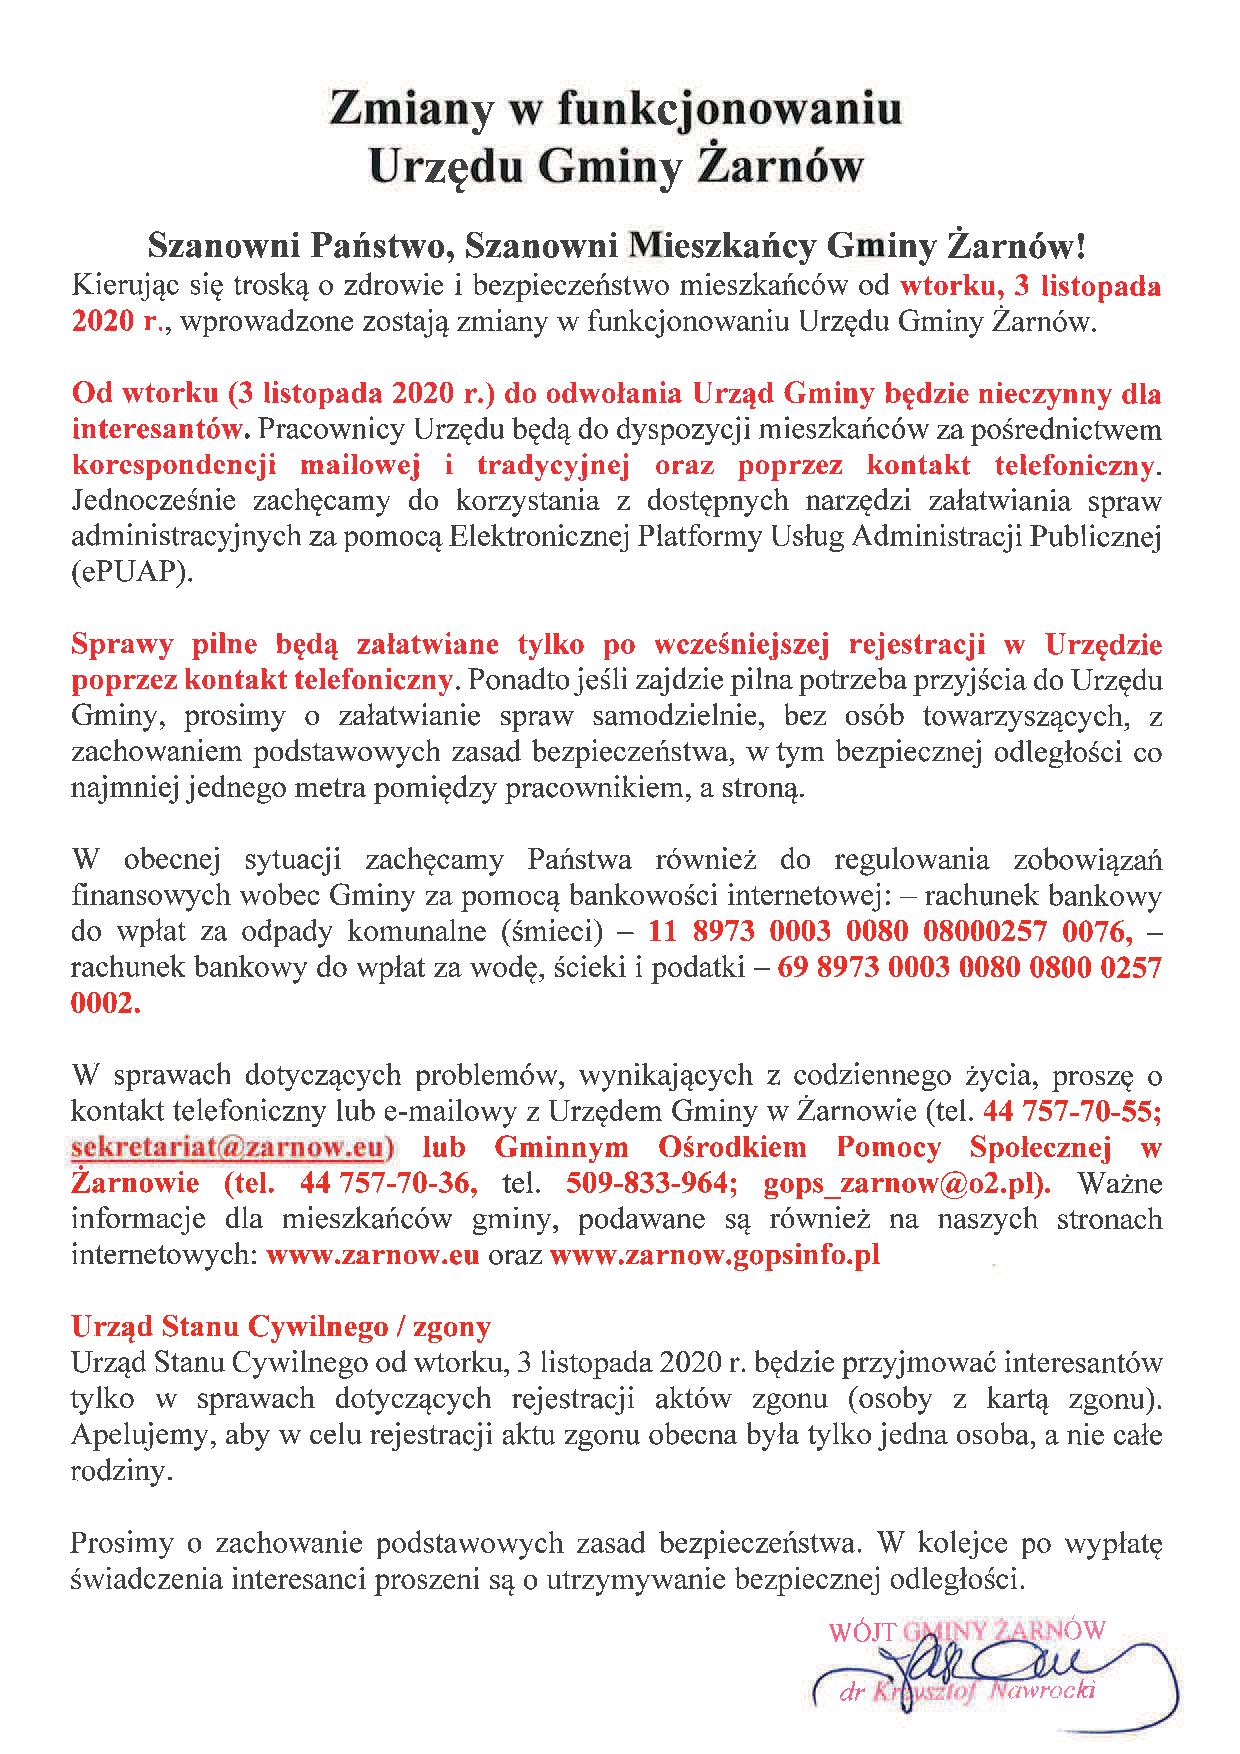 Zmiany w funkcjonowaniu Gminnego Ośrodka Pomocy Społęcznej w Żarnowie